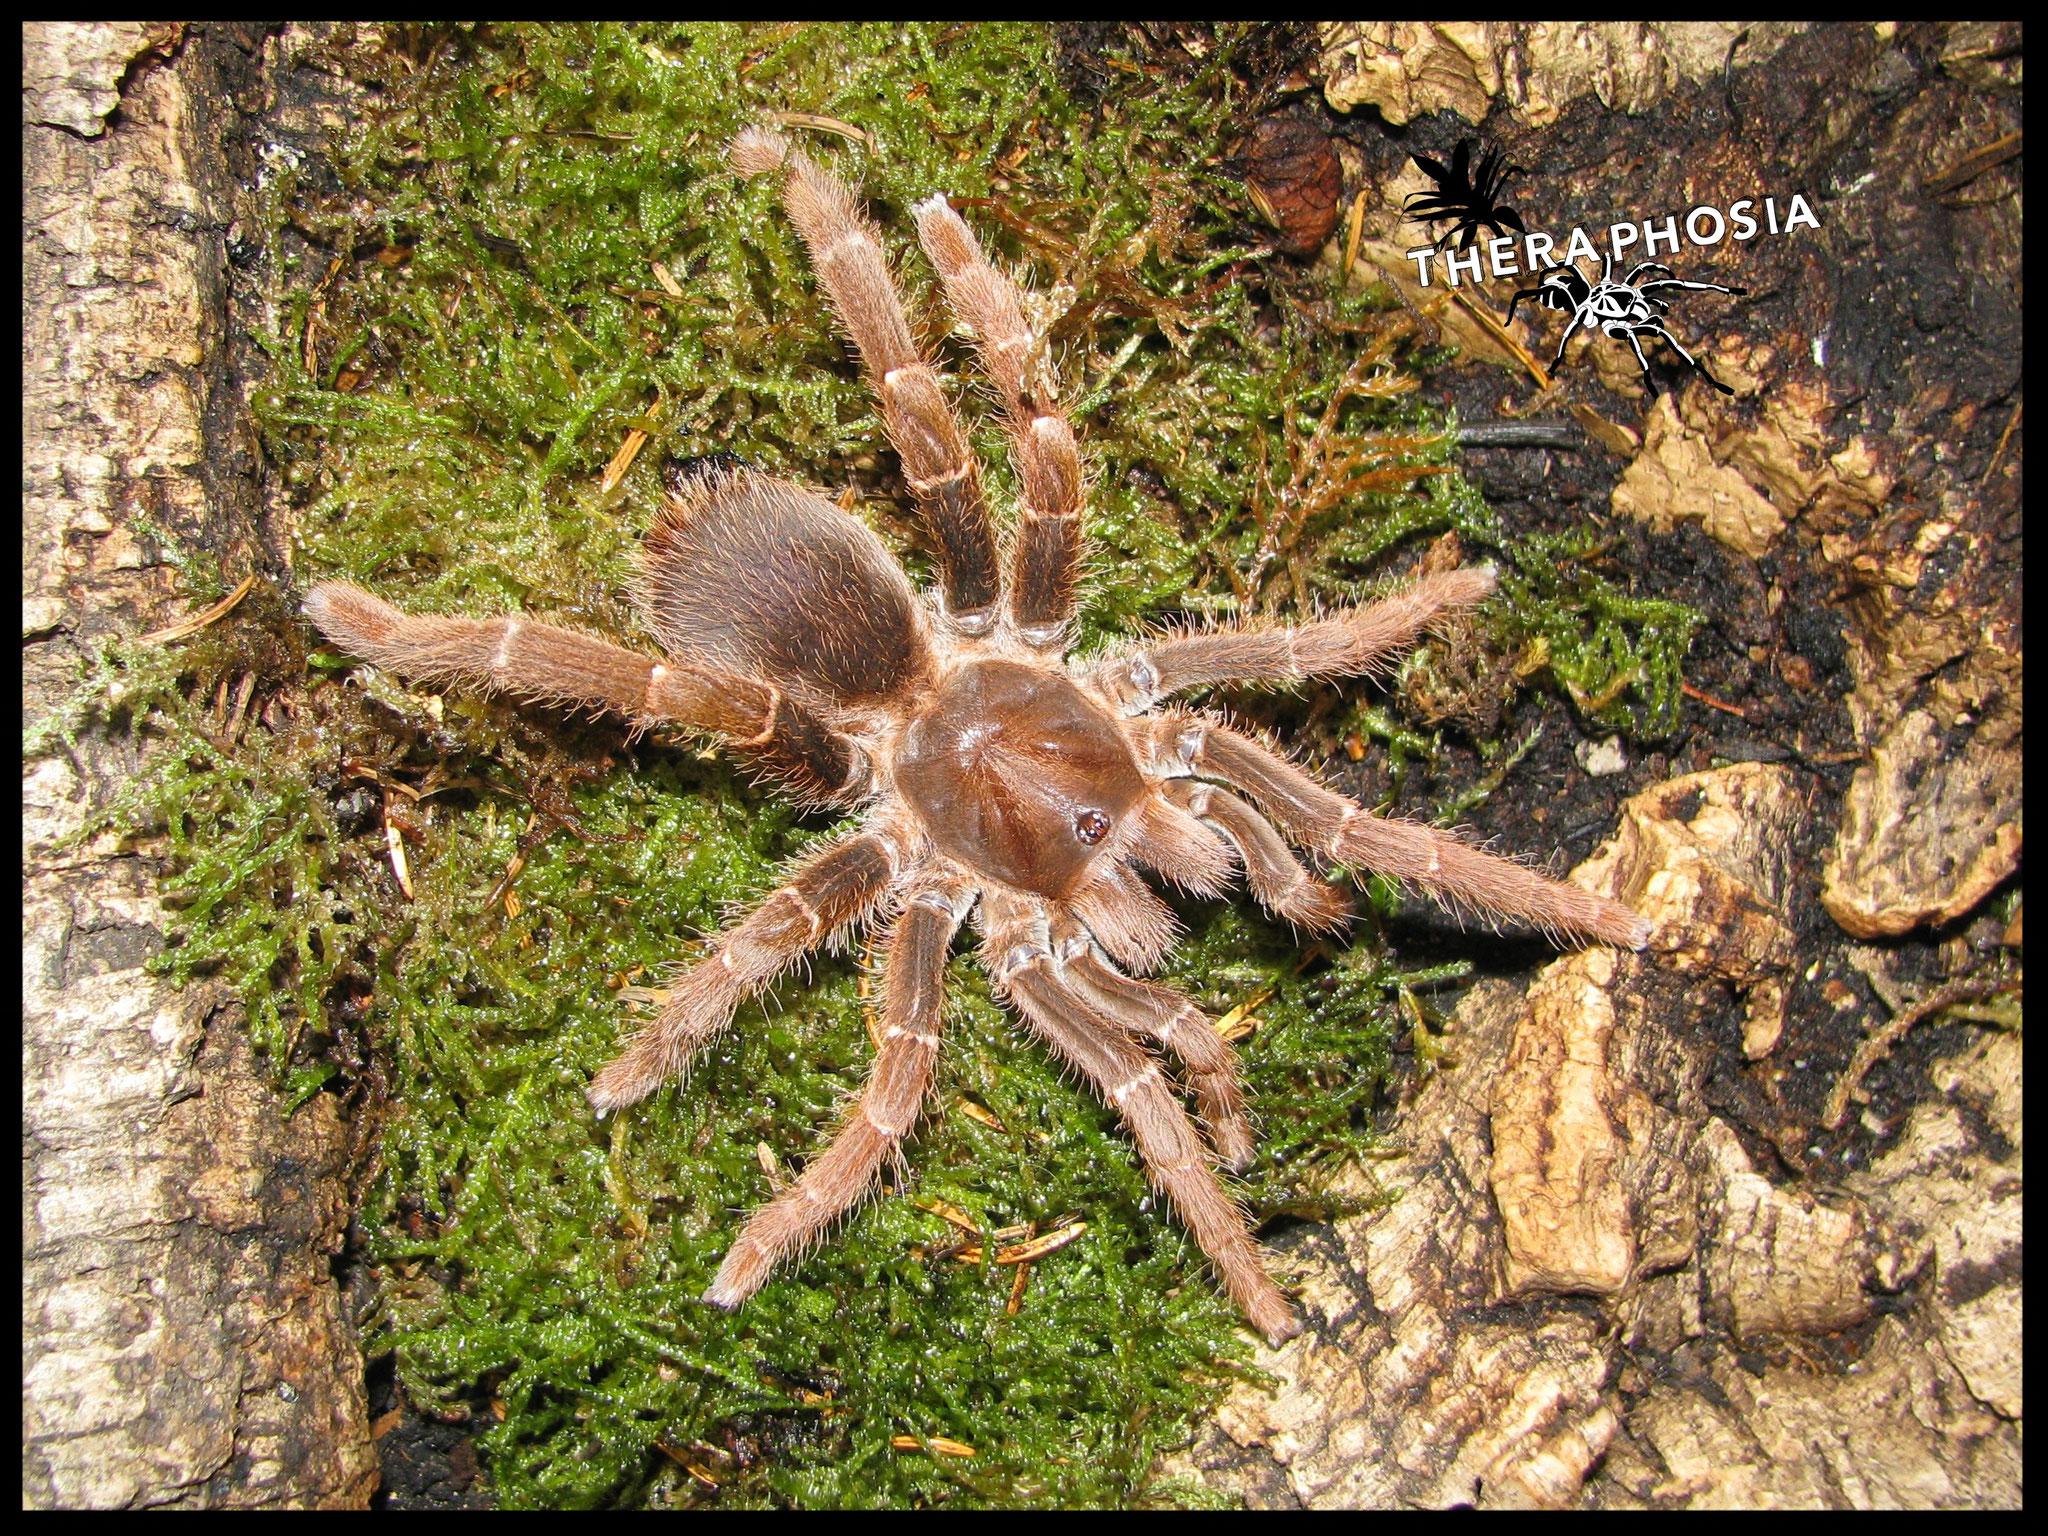 0.1 Pelinobius muticus